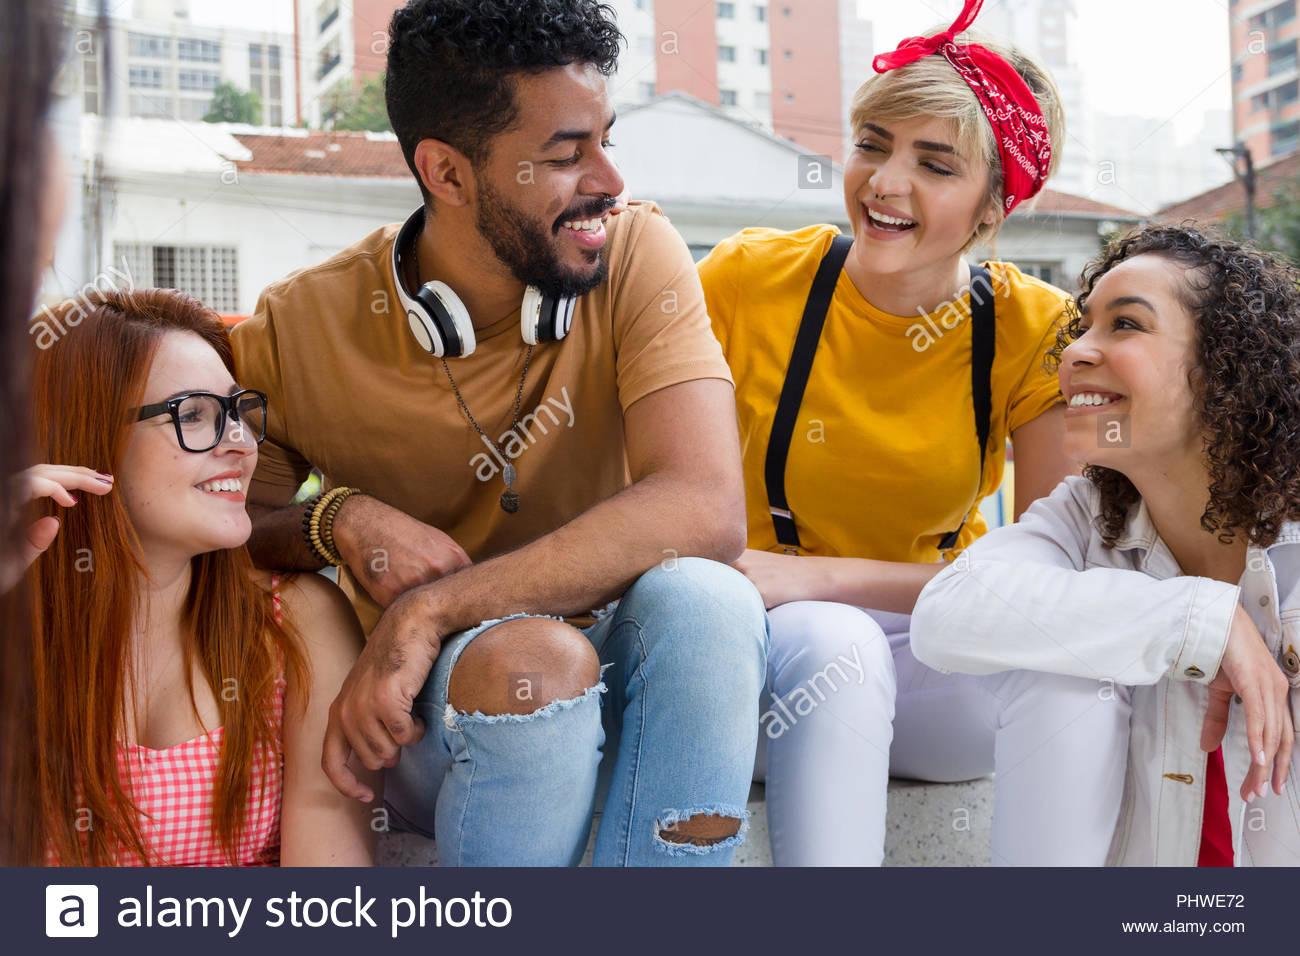 Happy amici sorridenti e seduti al bar caffè all'aperto. Razza mista gruppo socializzazione in un party al ristorante esterno. Estate, caldo, amicizia, subacquei Immagini Stock